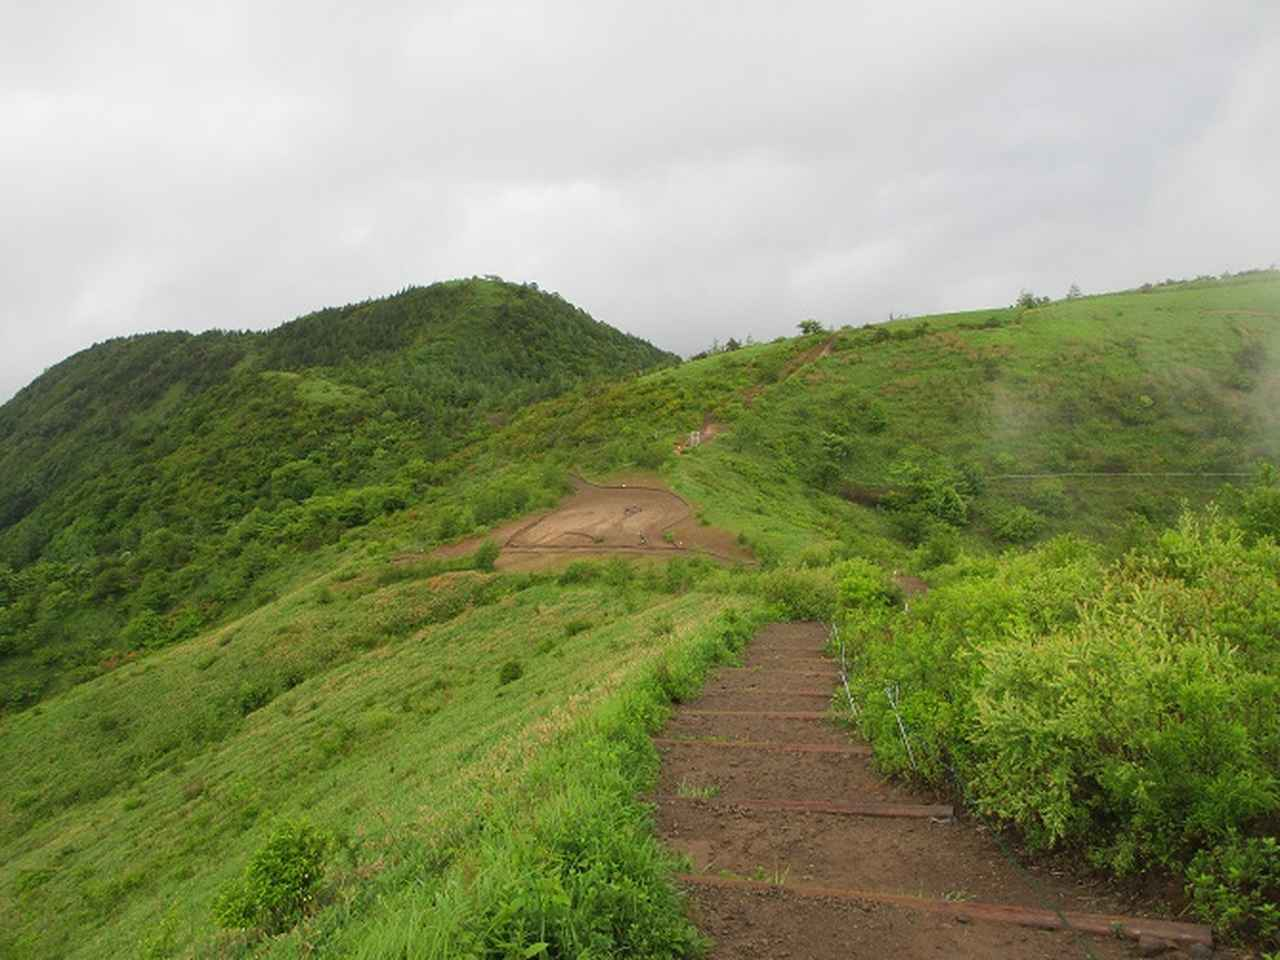 画像5: 7月の山旅会 「飯盛山」 ツアーの下見に行ってきました!